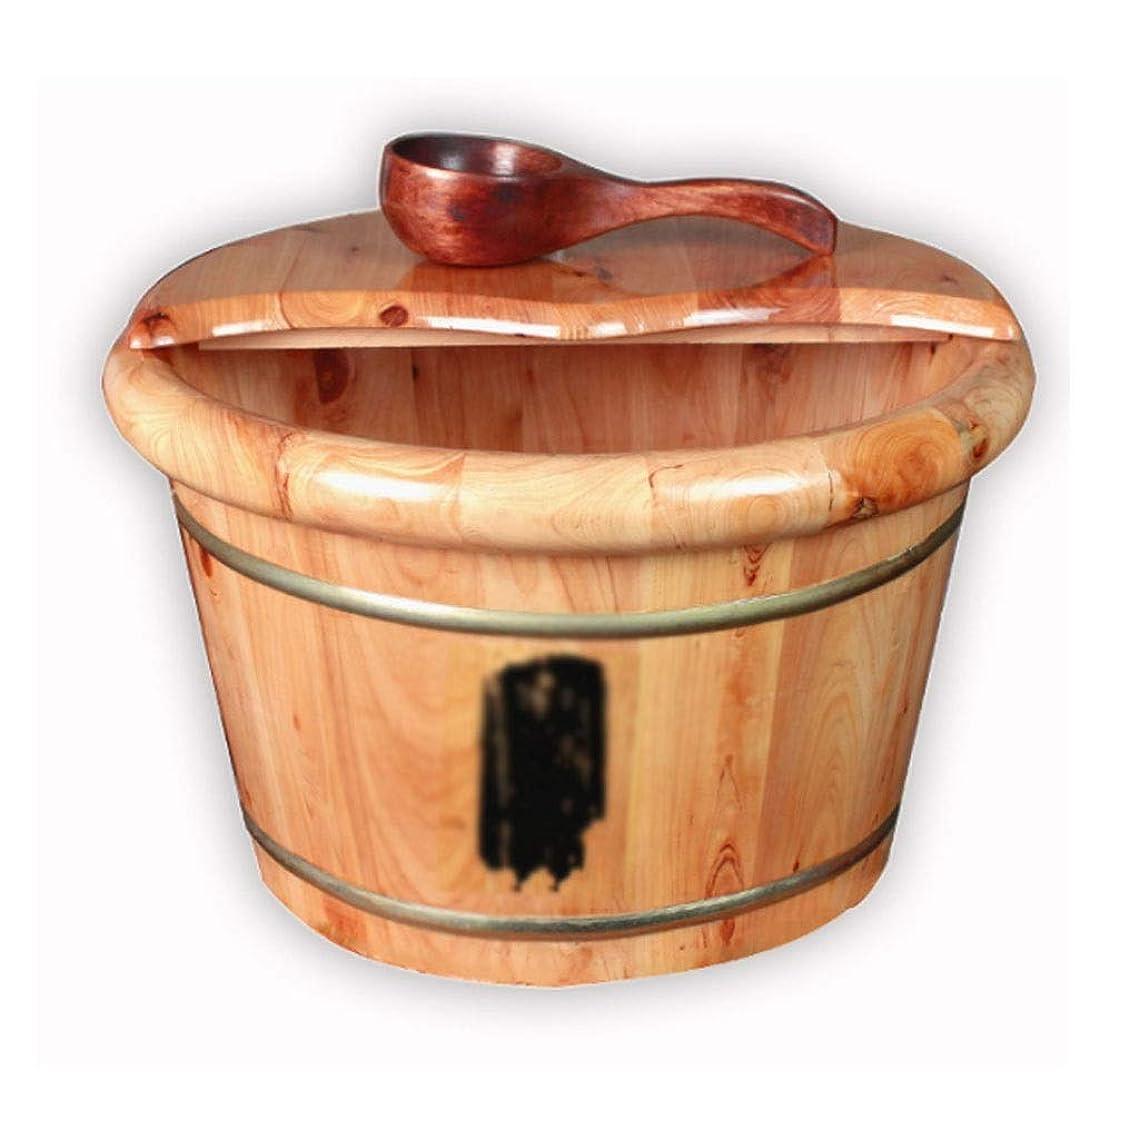 完全に乾くビザ遠洋のマッサージクッション 木製フットバケツ、恒温暖房フットアーティファクト、オークフットバス盆地、小児小タブ (Color : Wood color, Size : 40*26cm)